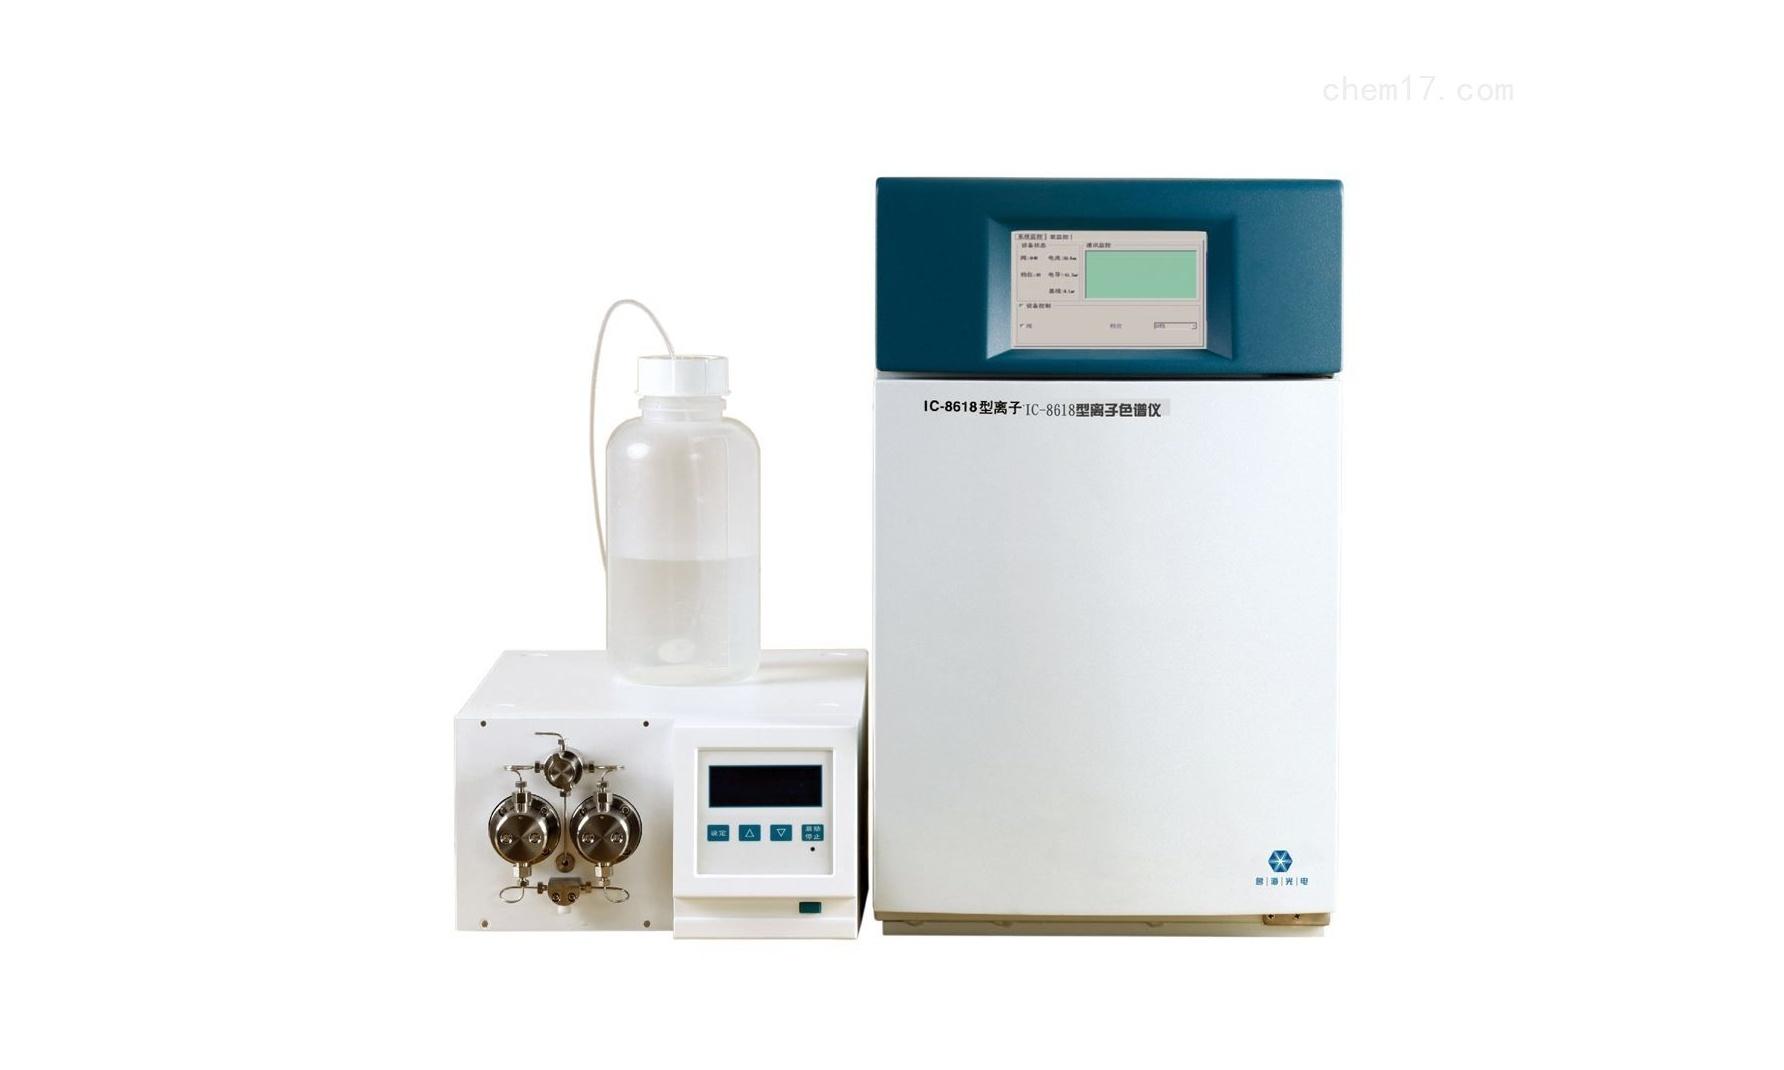 民勤县疾病预防控制中心离子色谱仪等仪器设备采购项目招标